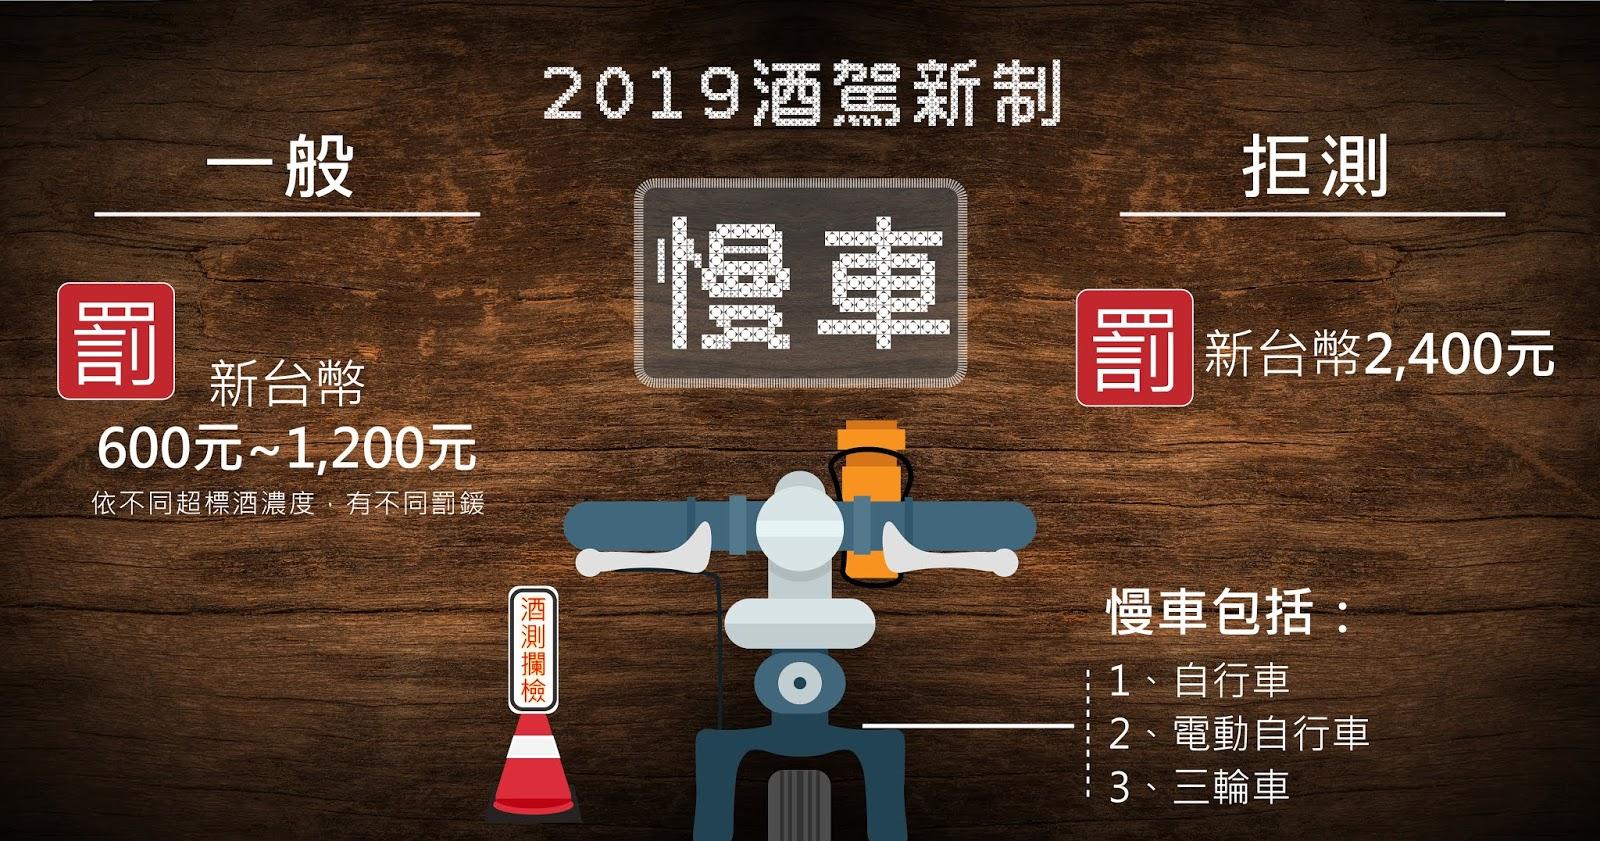 2019酒駕新制-慢車、自行車、電動自行車罰鍰金額,初犯、拒測,不同酒駕罰鍰